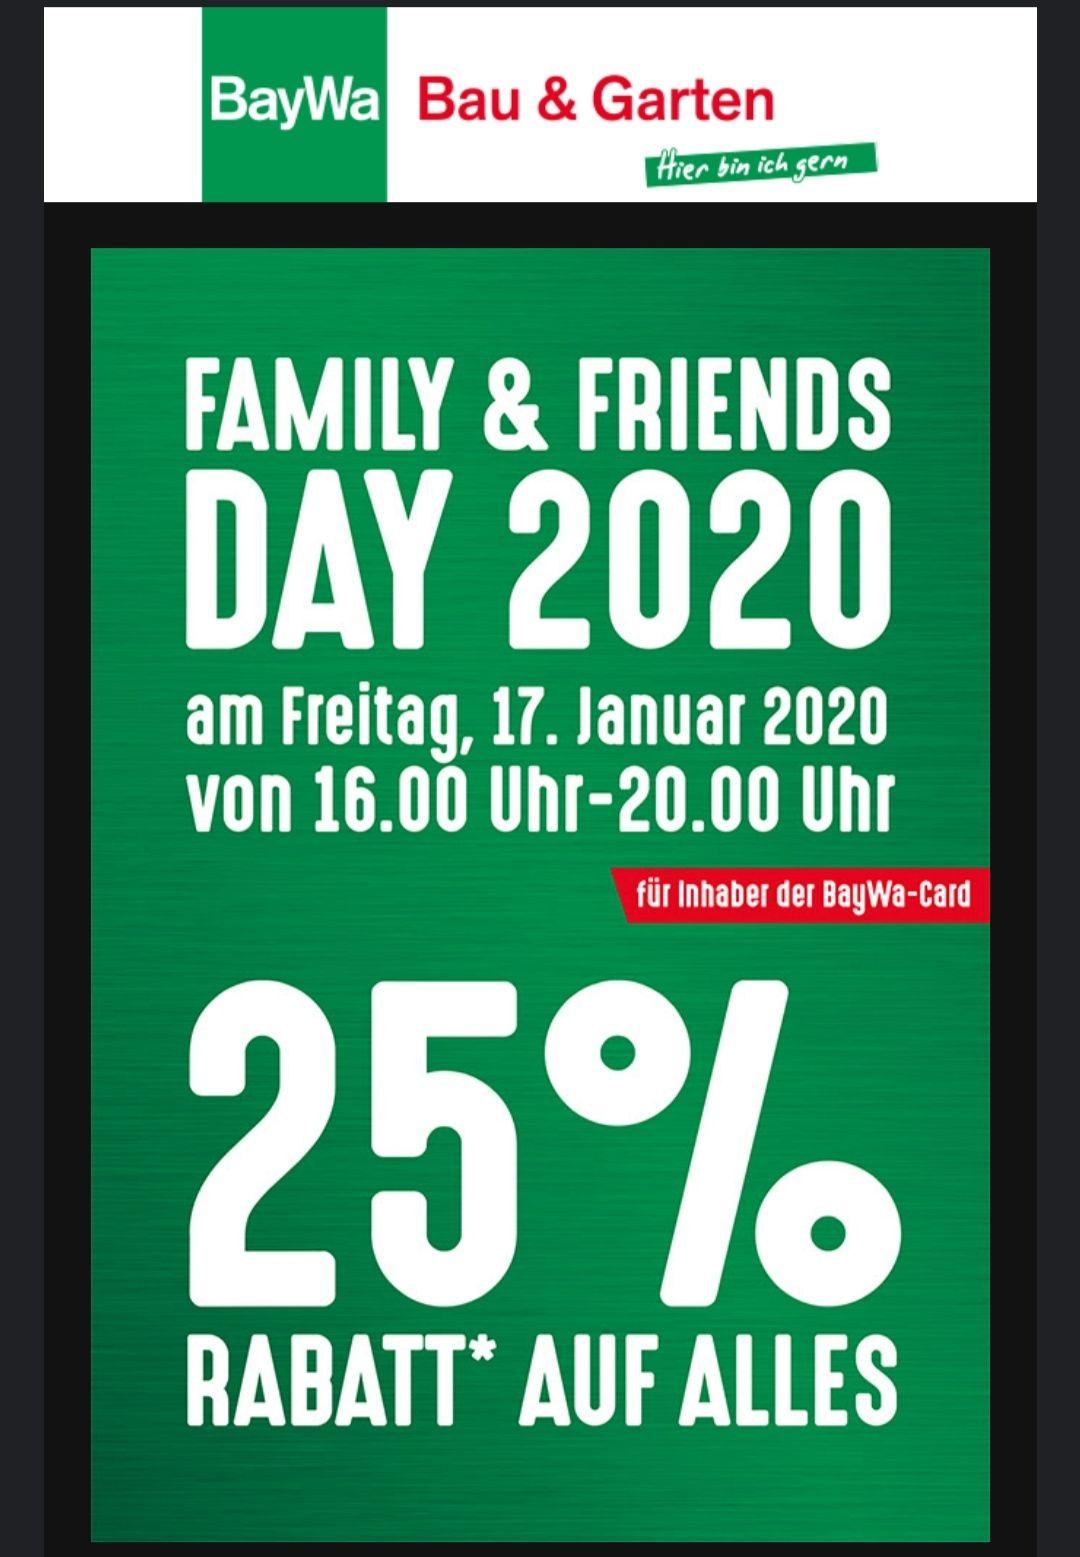 Baywa Family & Friends Day 2020 25% Rabatt auf alles am 17.1 ab 50€ Einkauf